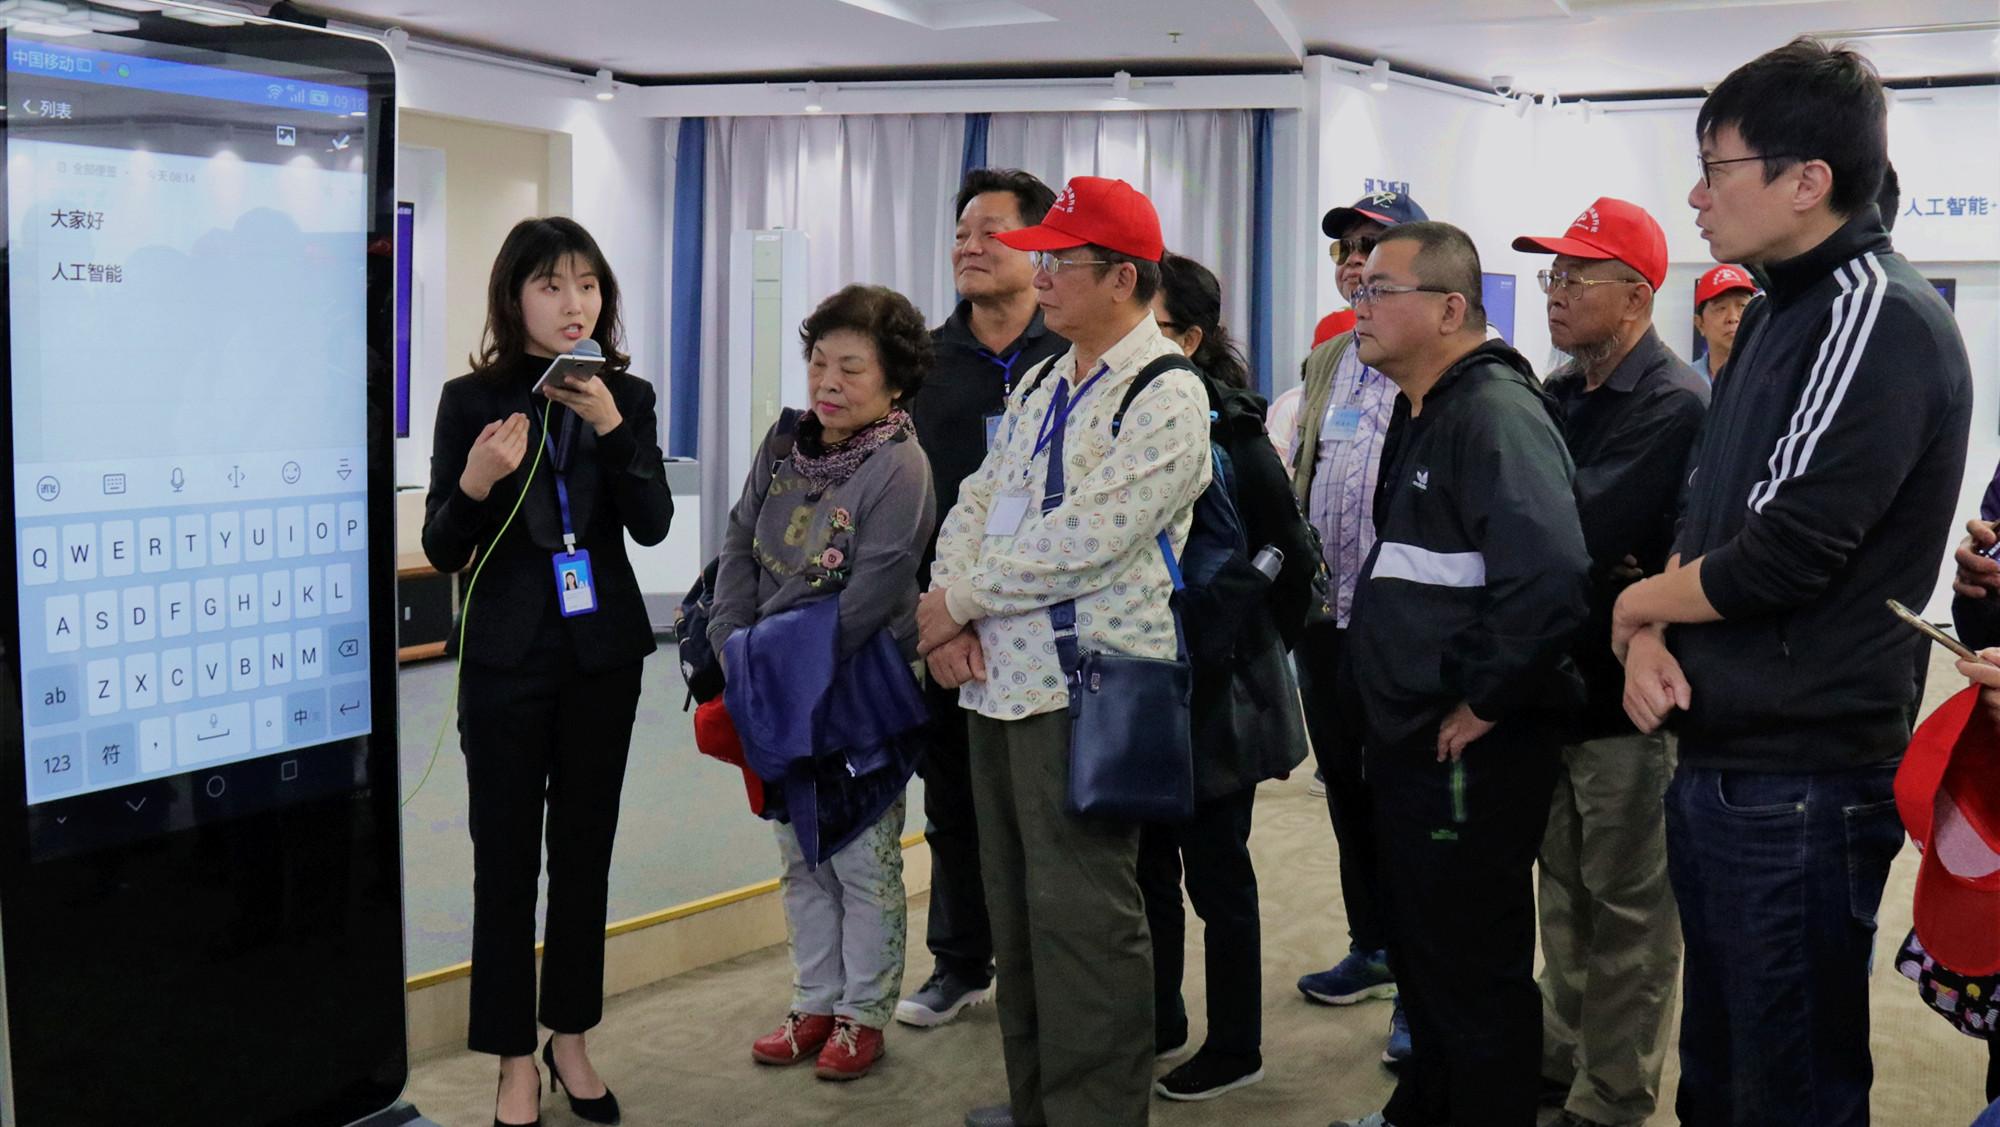 臺灣高雄基層民眾參訪團赴安徽考察新農村建設